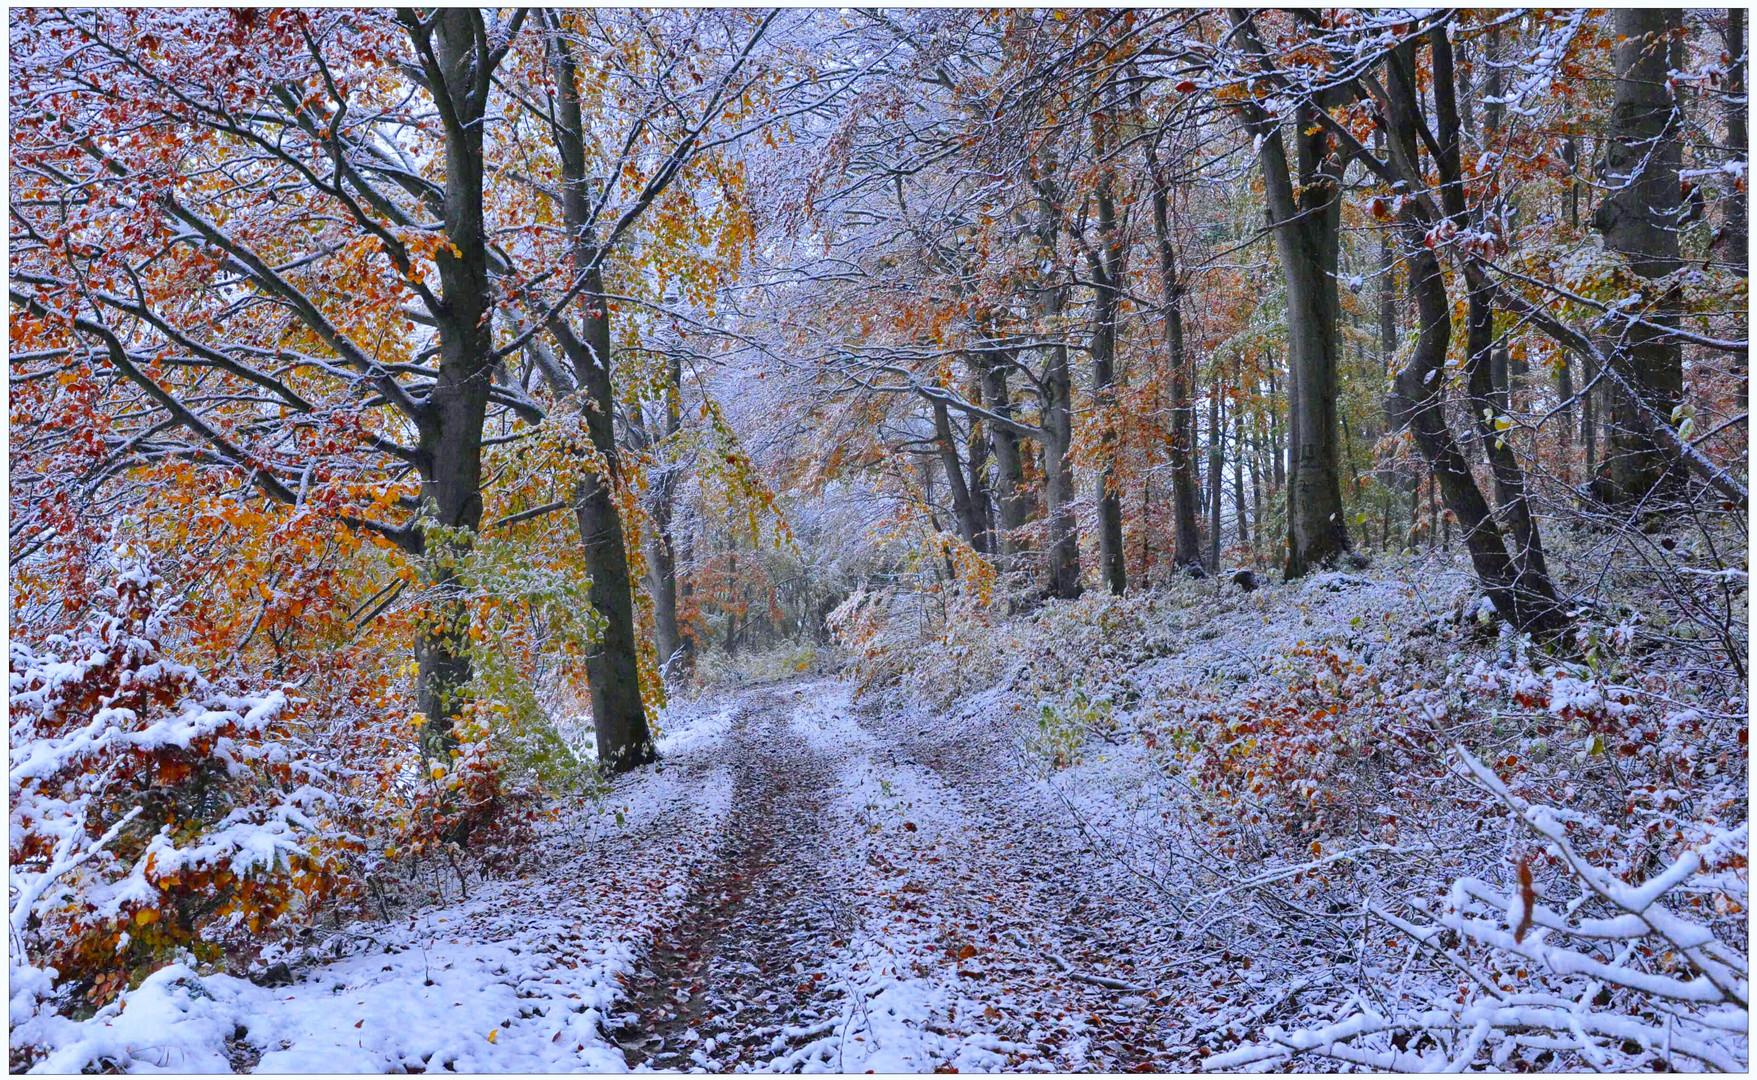 el invierno ya ha empezado (der Winter hat begonnen)